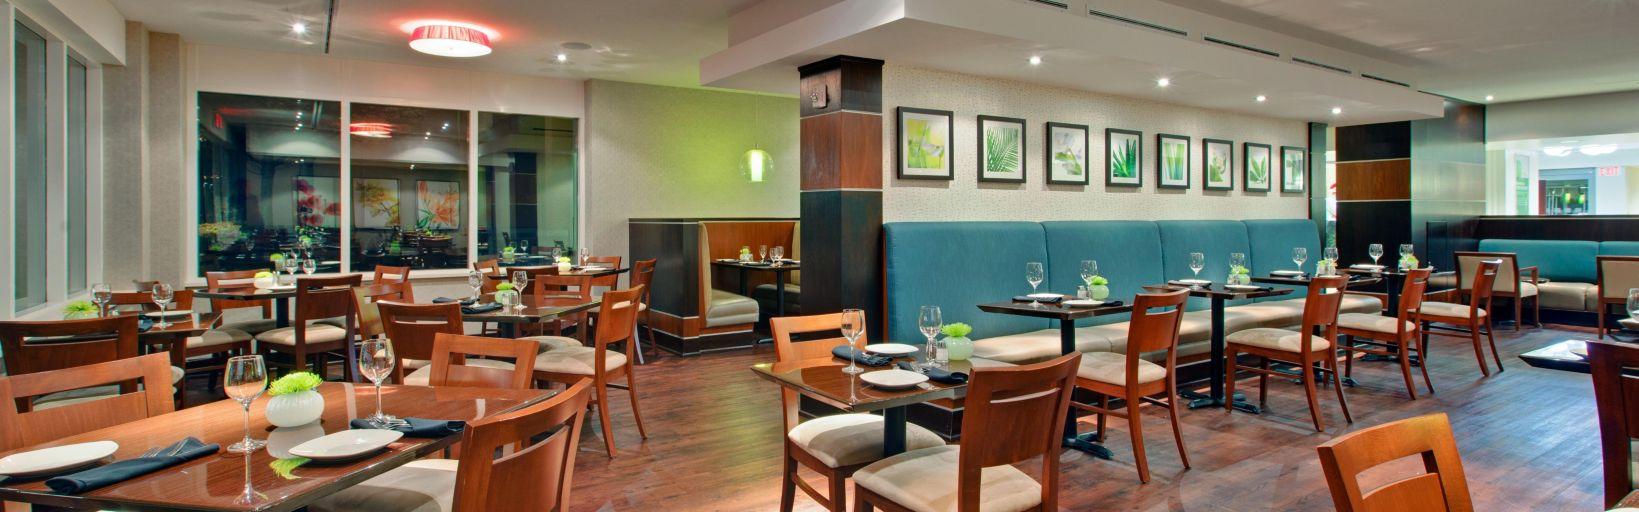 On Site Dox Restaurant Lounge